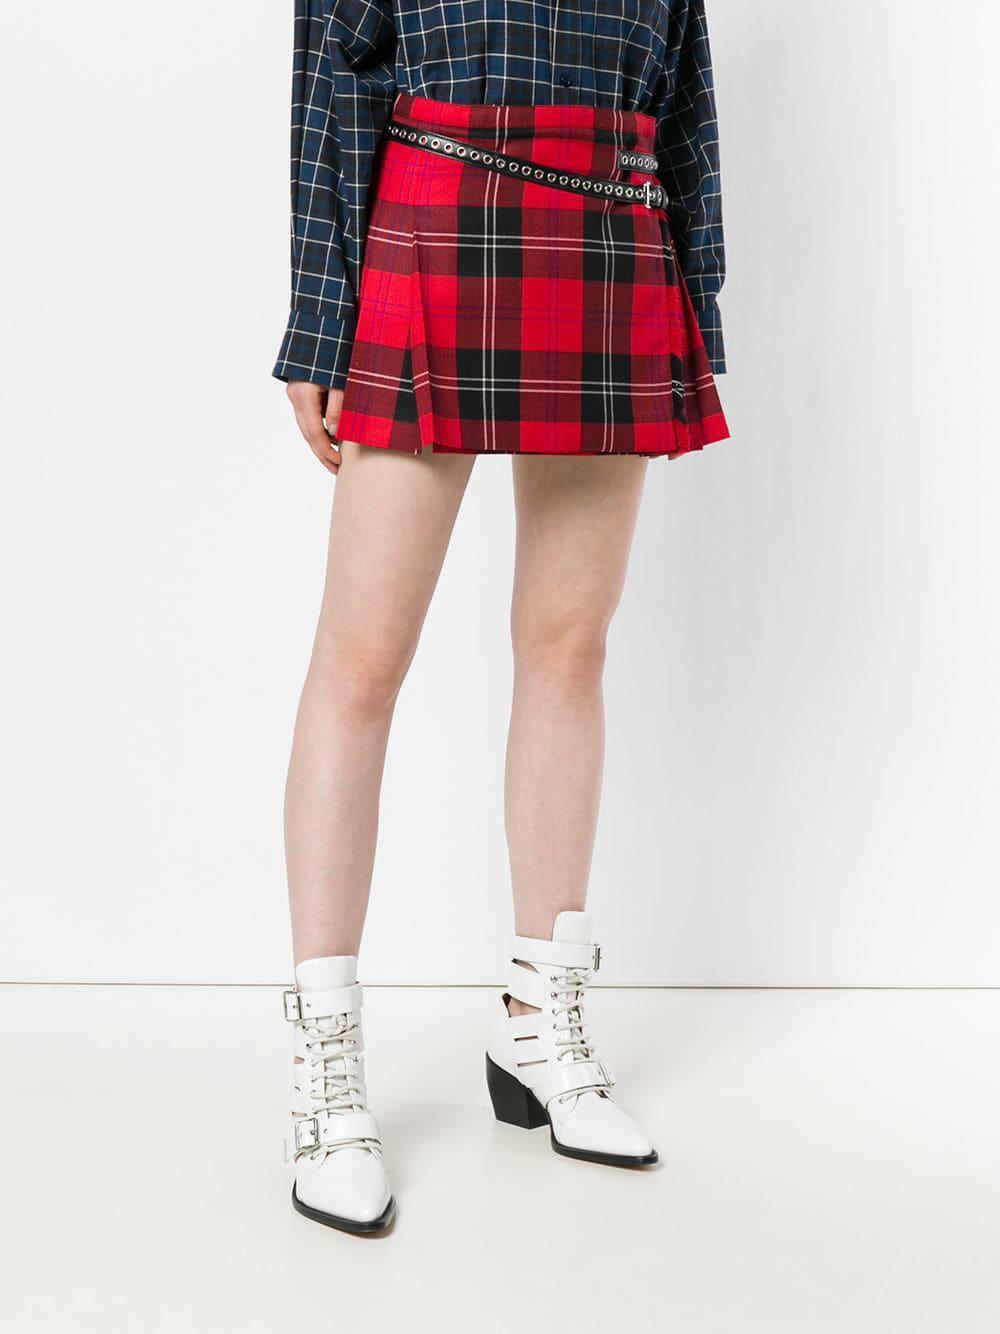 d8f9631166 Miu Miu Pleated Plaid Skirt in Red - Lyst